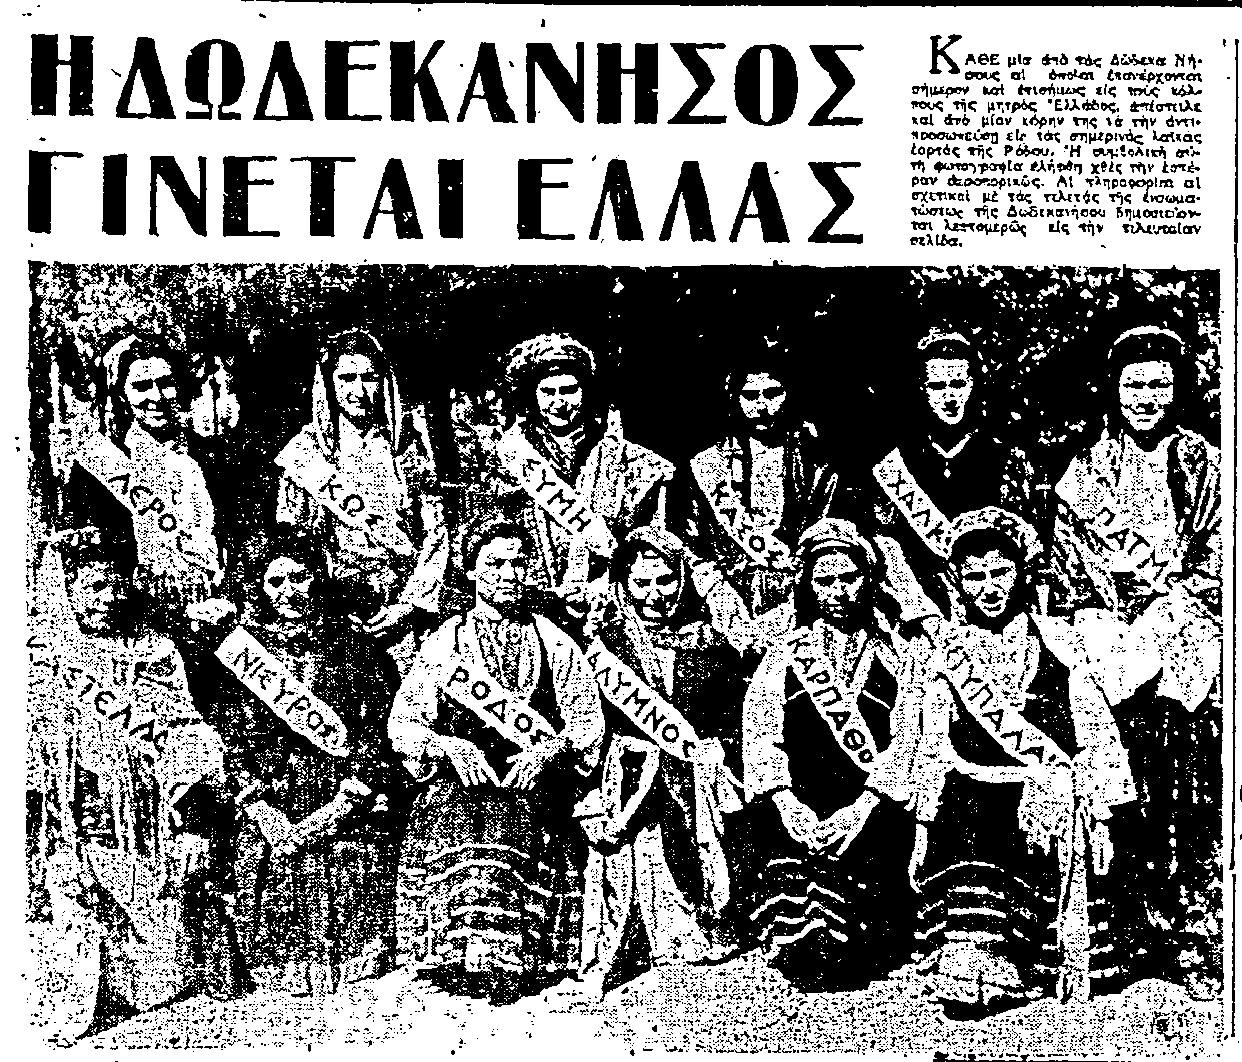 Ε Β Δ Ο Μ Η Ν Τ Α ΧΡΟΝΙΑ (1947-2017) από την Ένωση της Δωδεκανήσου με τη μητέρα Ελλάδα και οι τάφοι των προγόνων